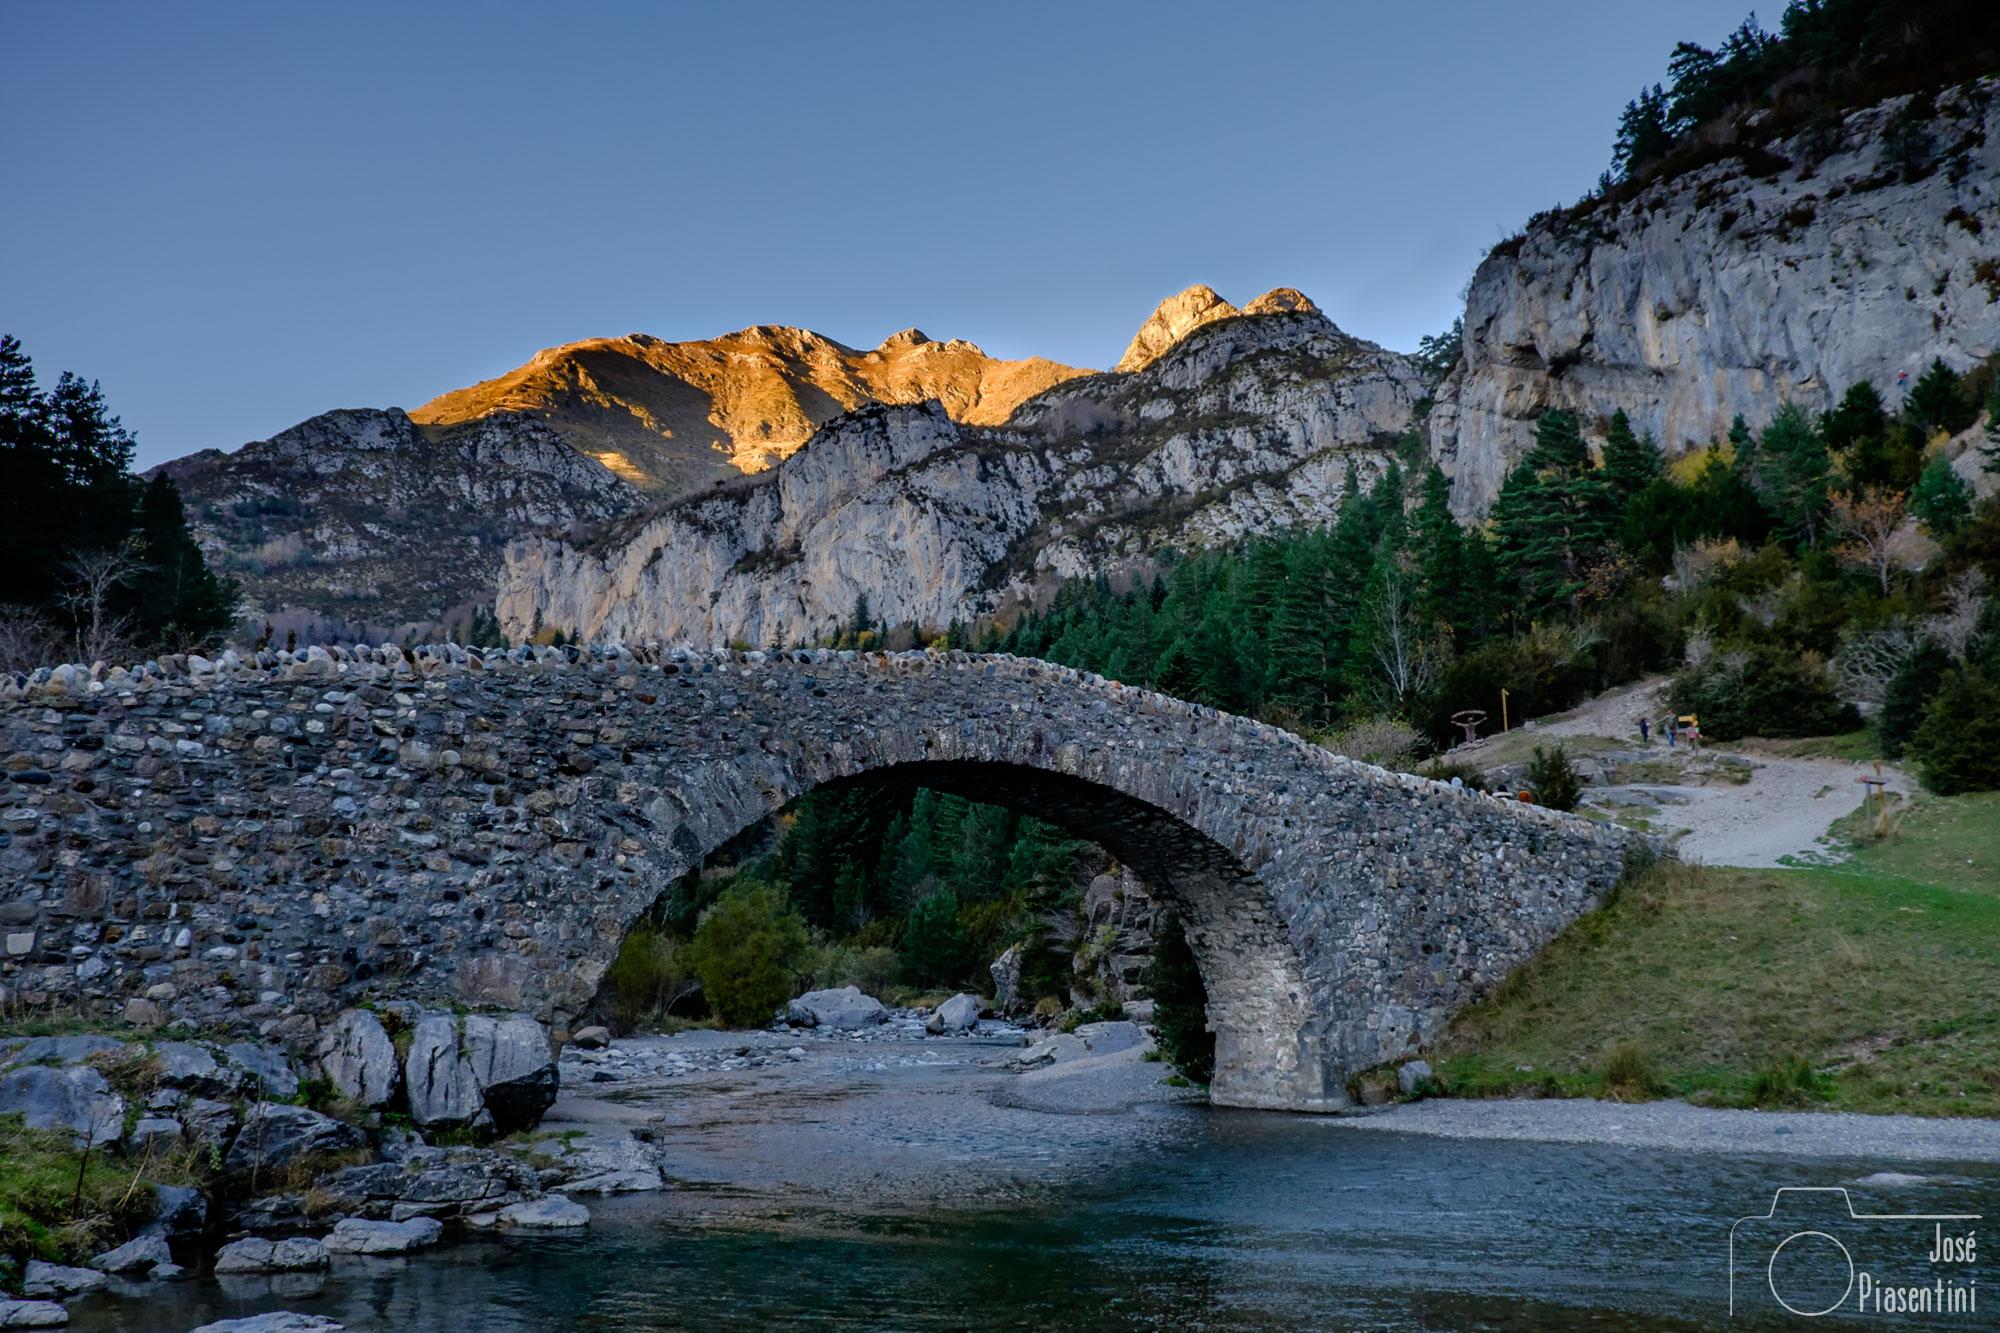 Puente Refugio Bujaruelo